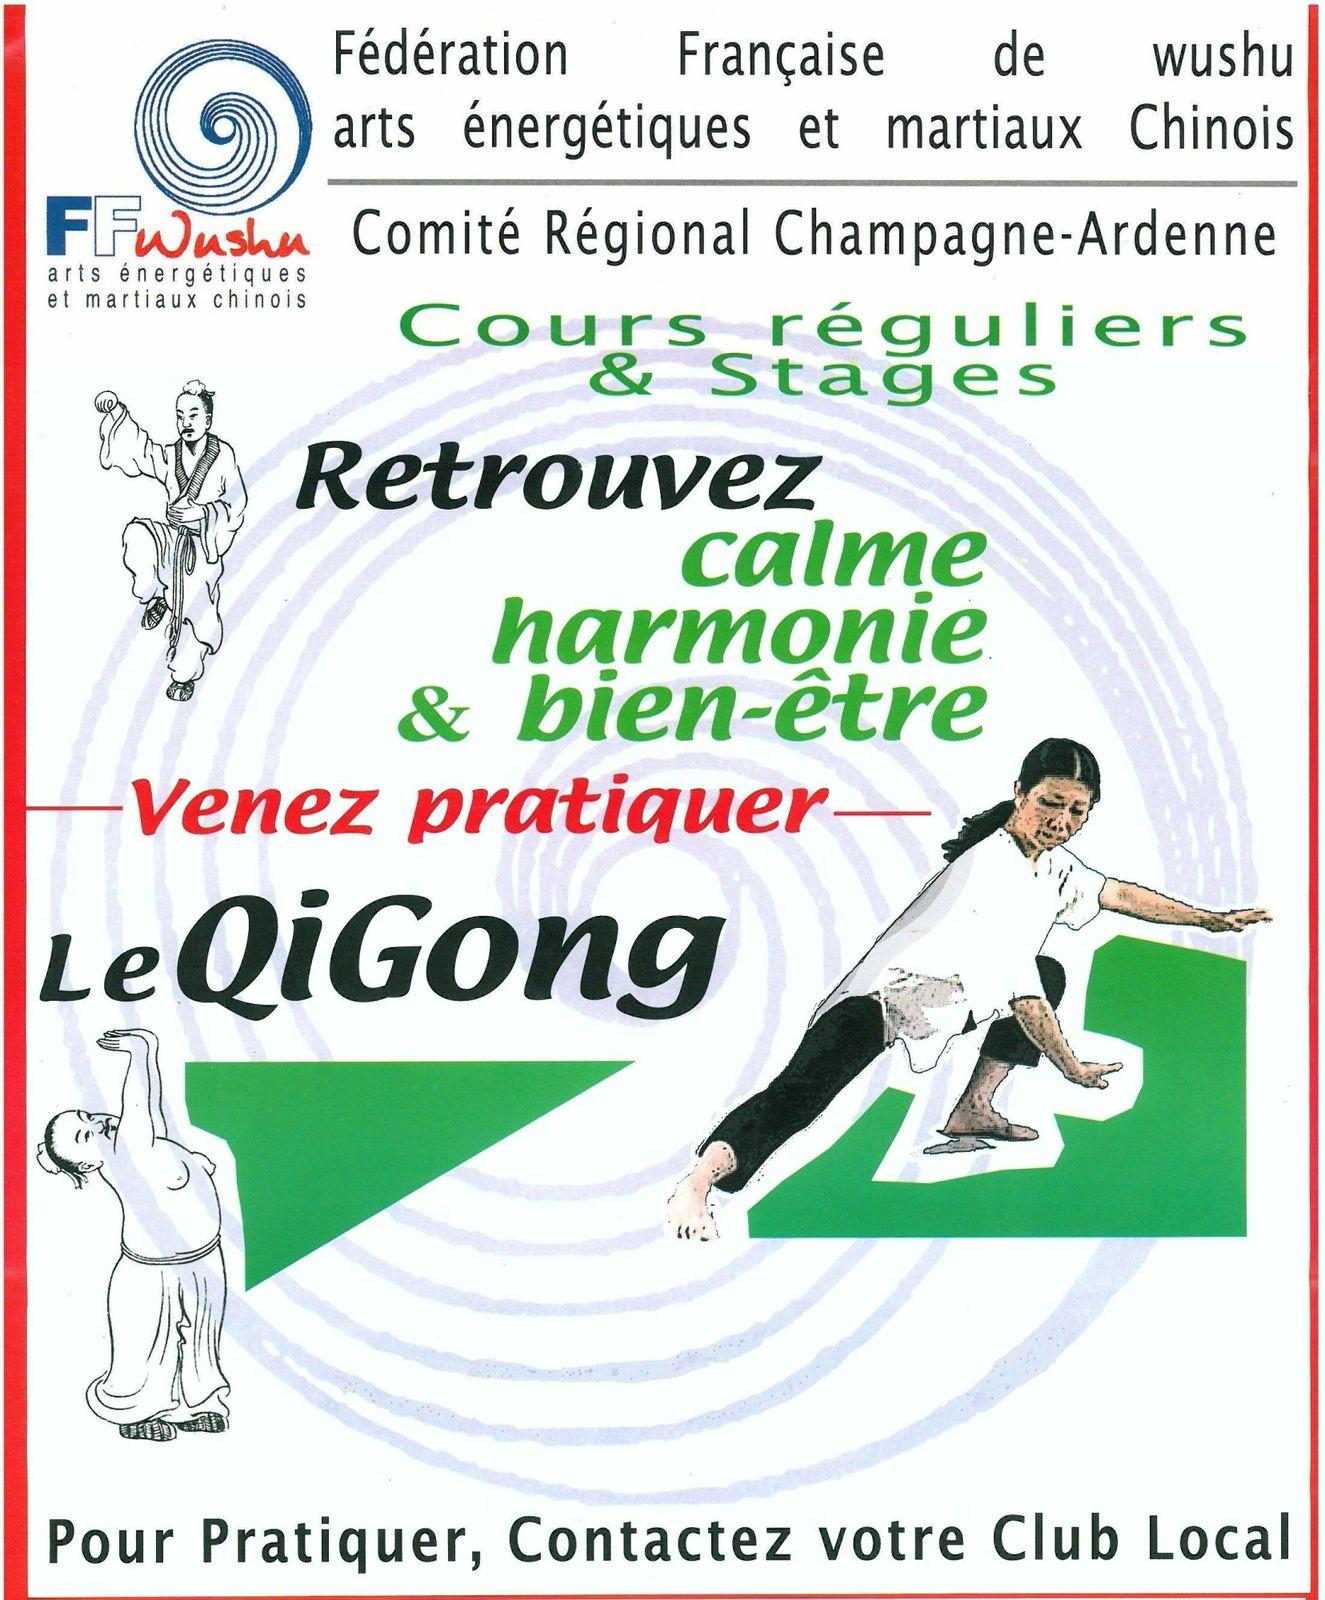 Pratiquer le qigong avec l asceb 52 for Les arts martiaux chinois